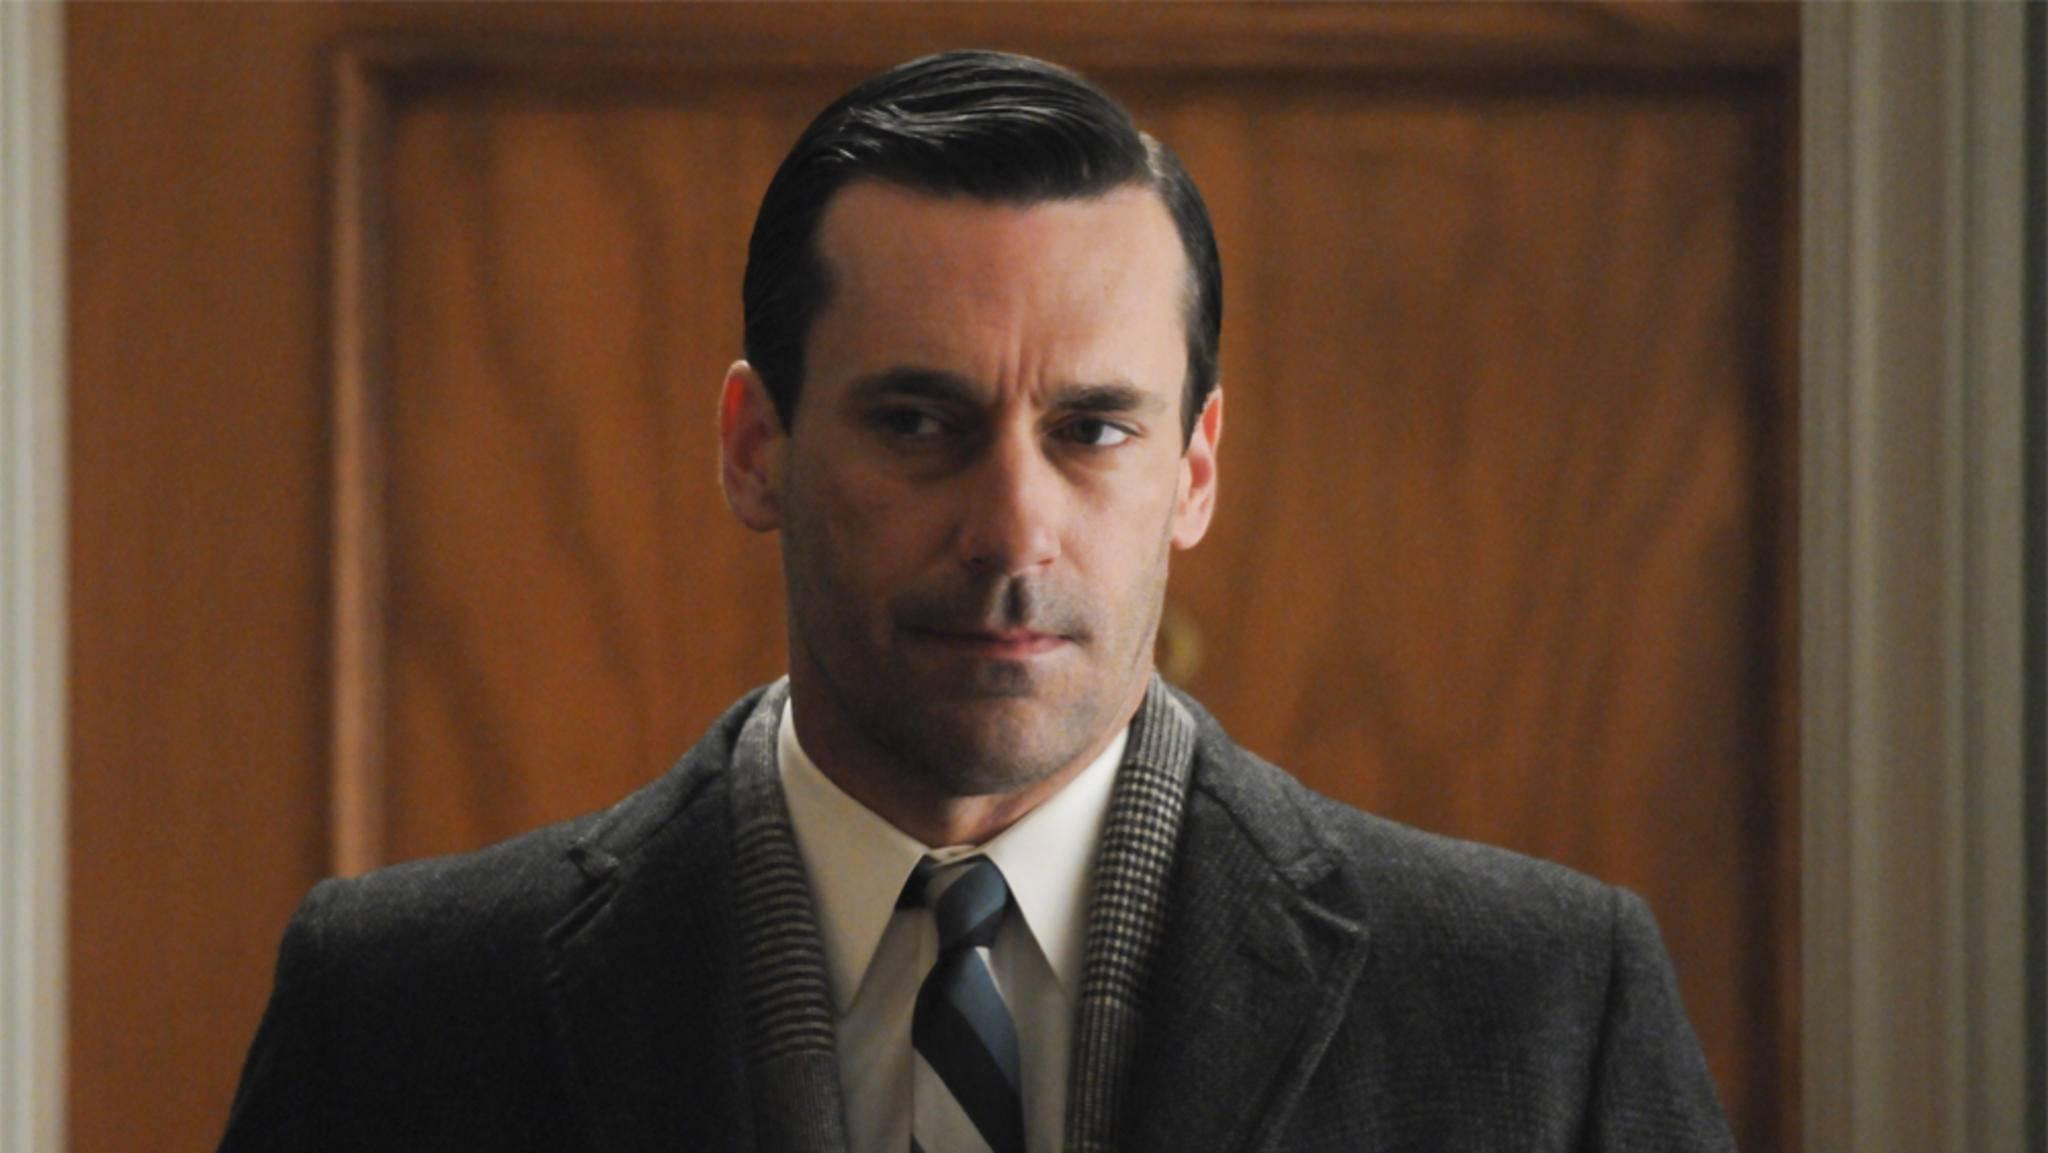 """Den Part des Don Draper aus """"Mad Men"""" hätten viele Schauspieler gerne übernommen."""